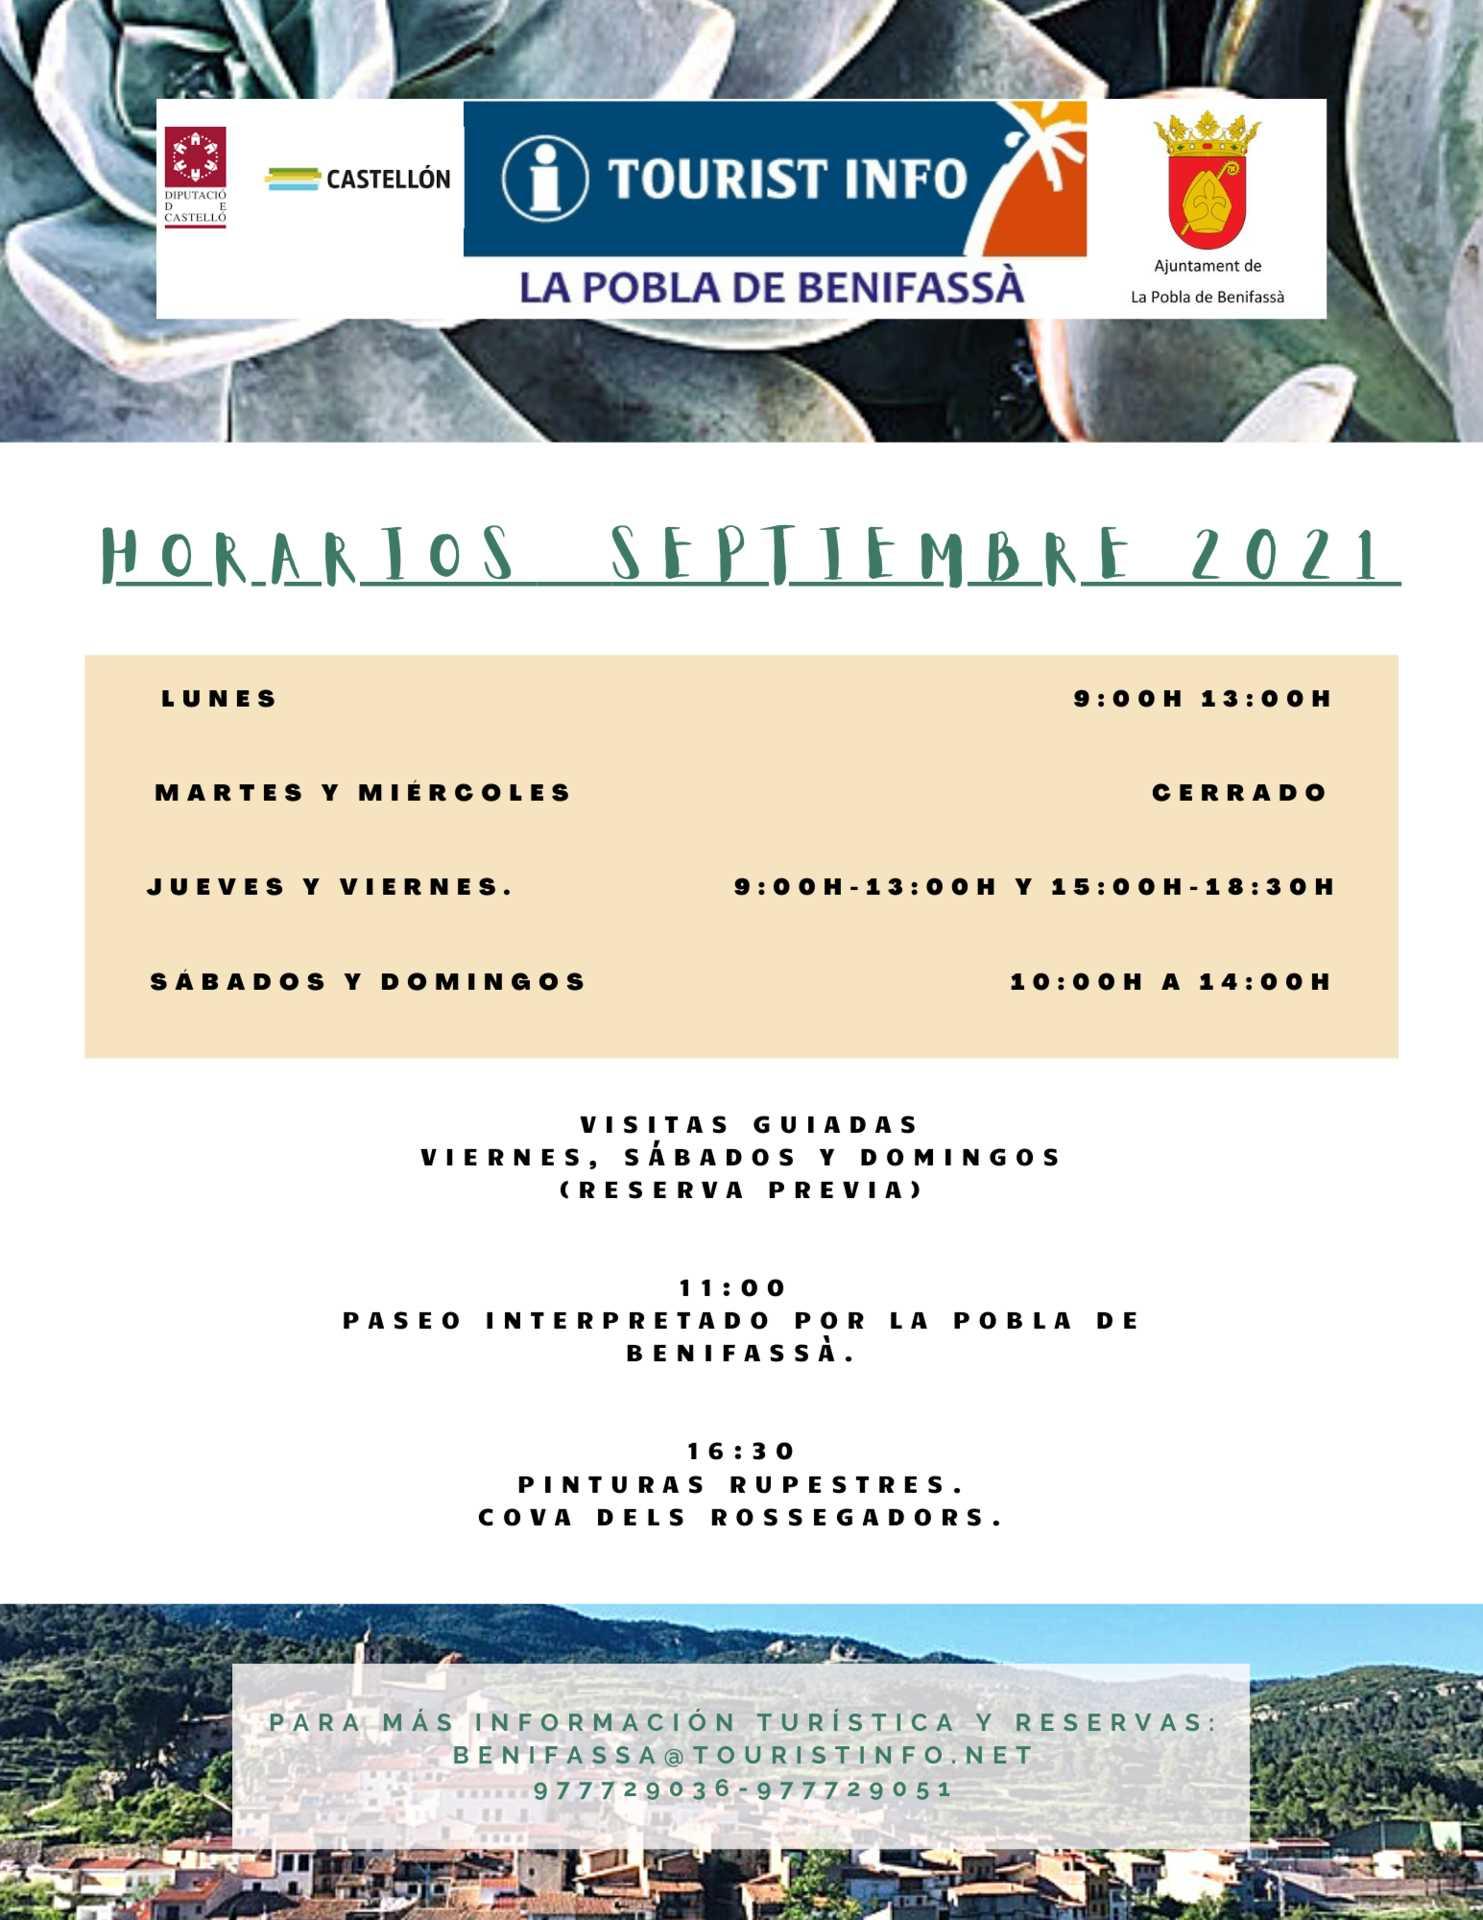 TOURIST INFO TINENÇA DE BENIFASSÀ